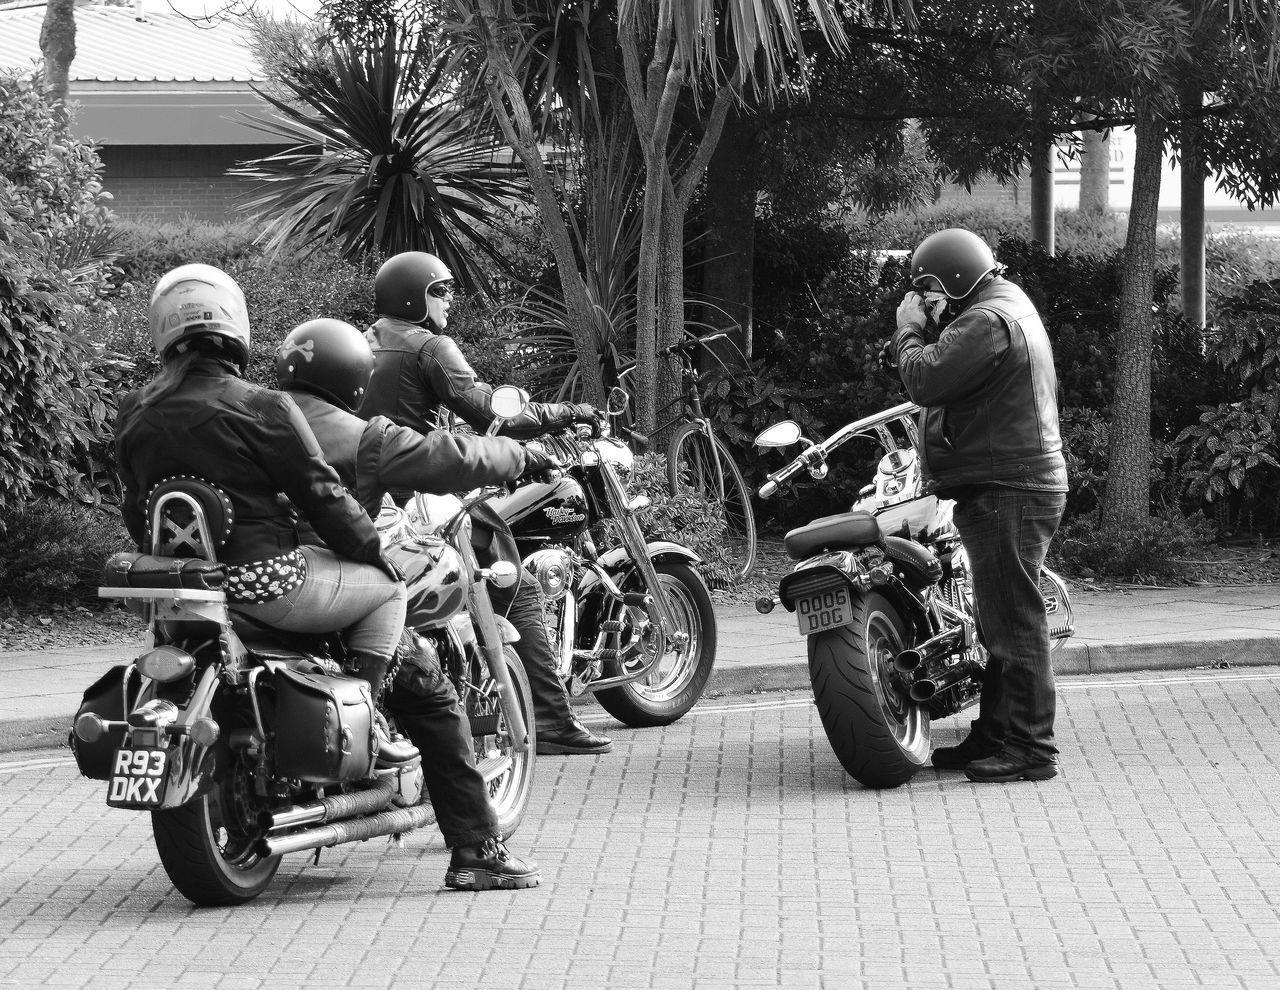 Resist Motorcycle Helmet Tree Crash Helmet Transportation Men Headwear Road Outdoors People Adult Day Adults Only Motorcycle Racing Hells Angels